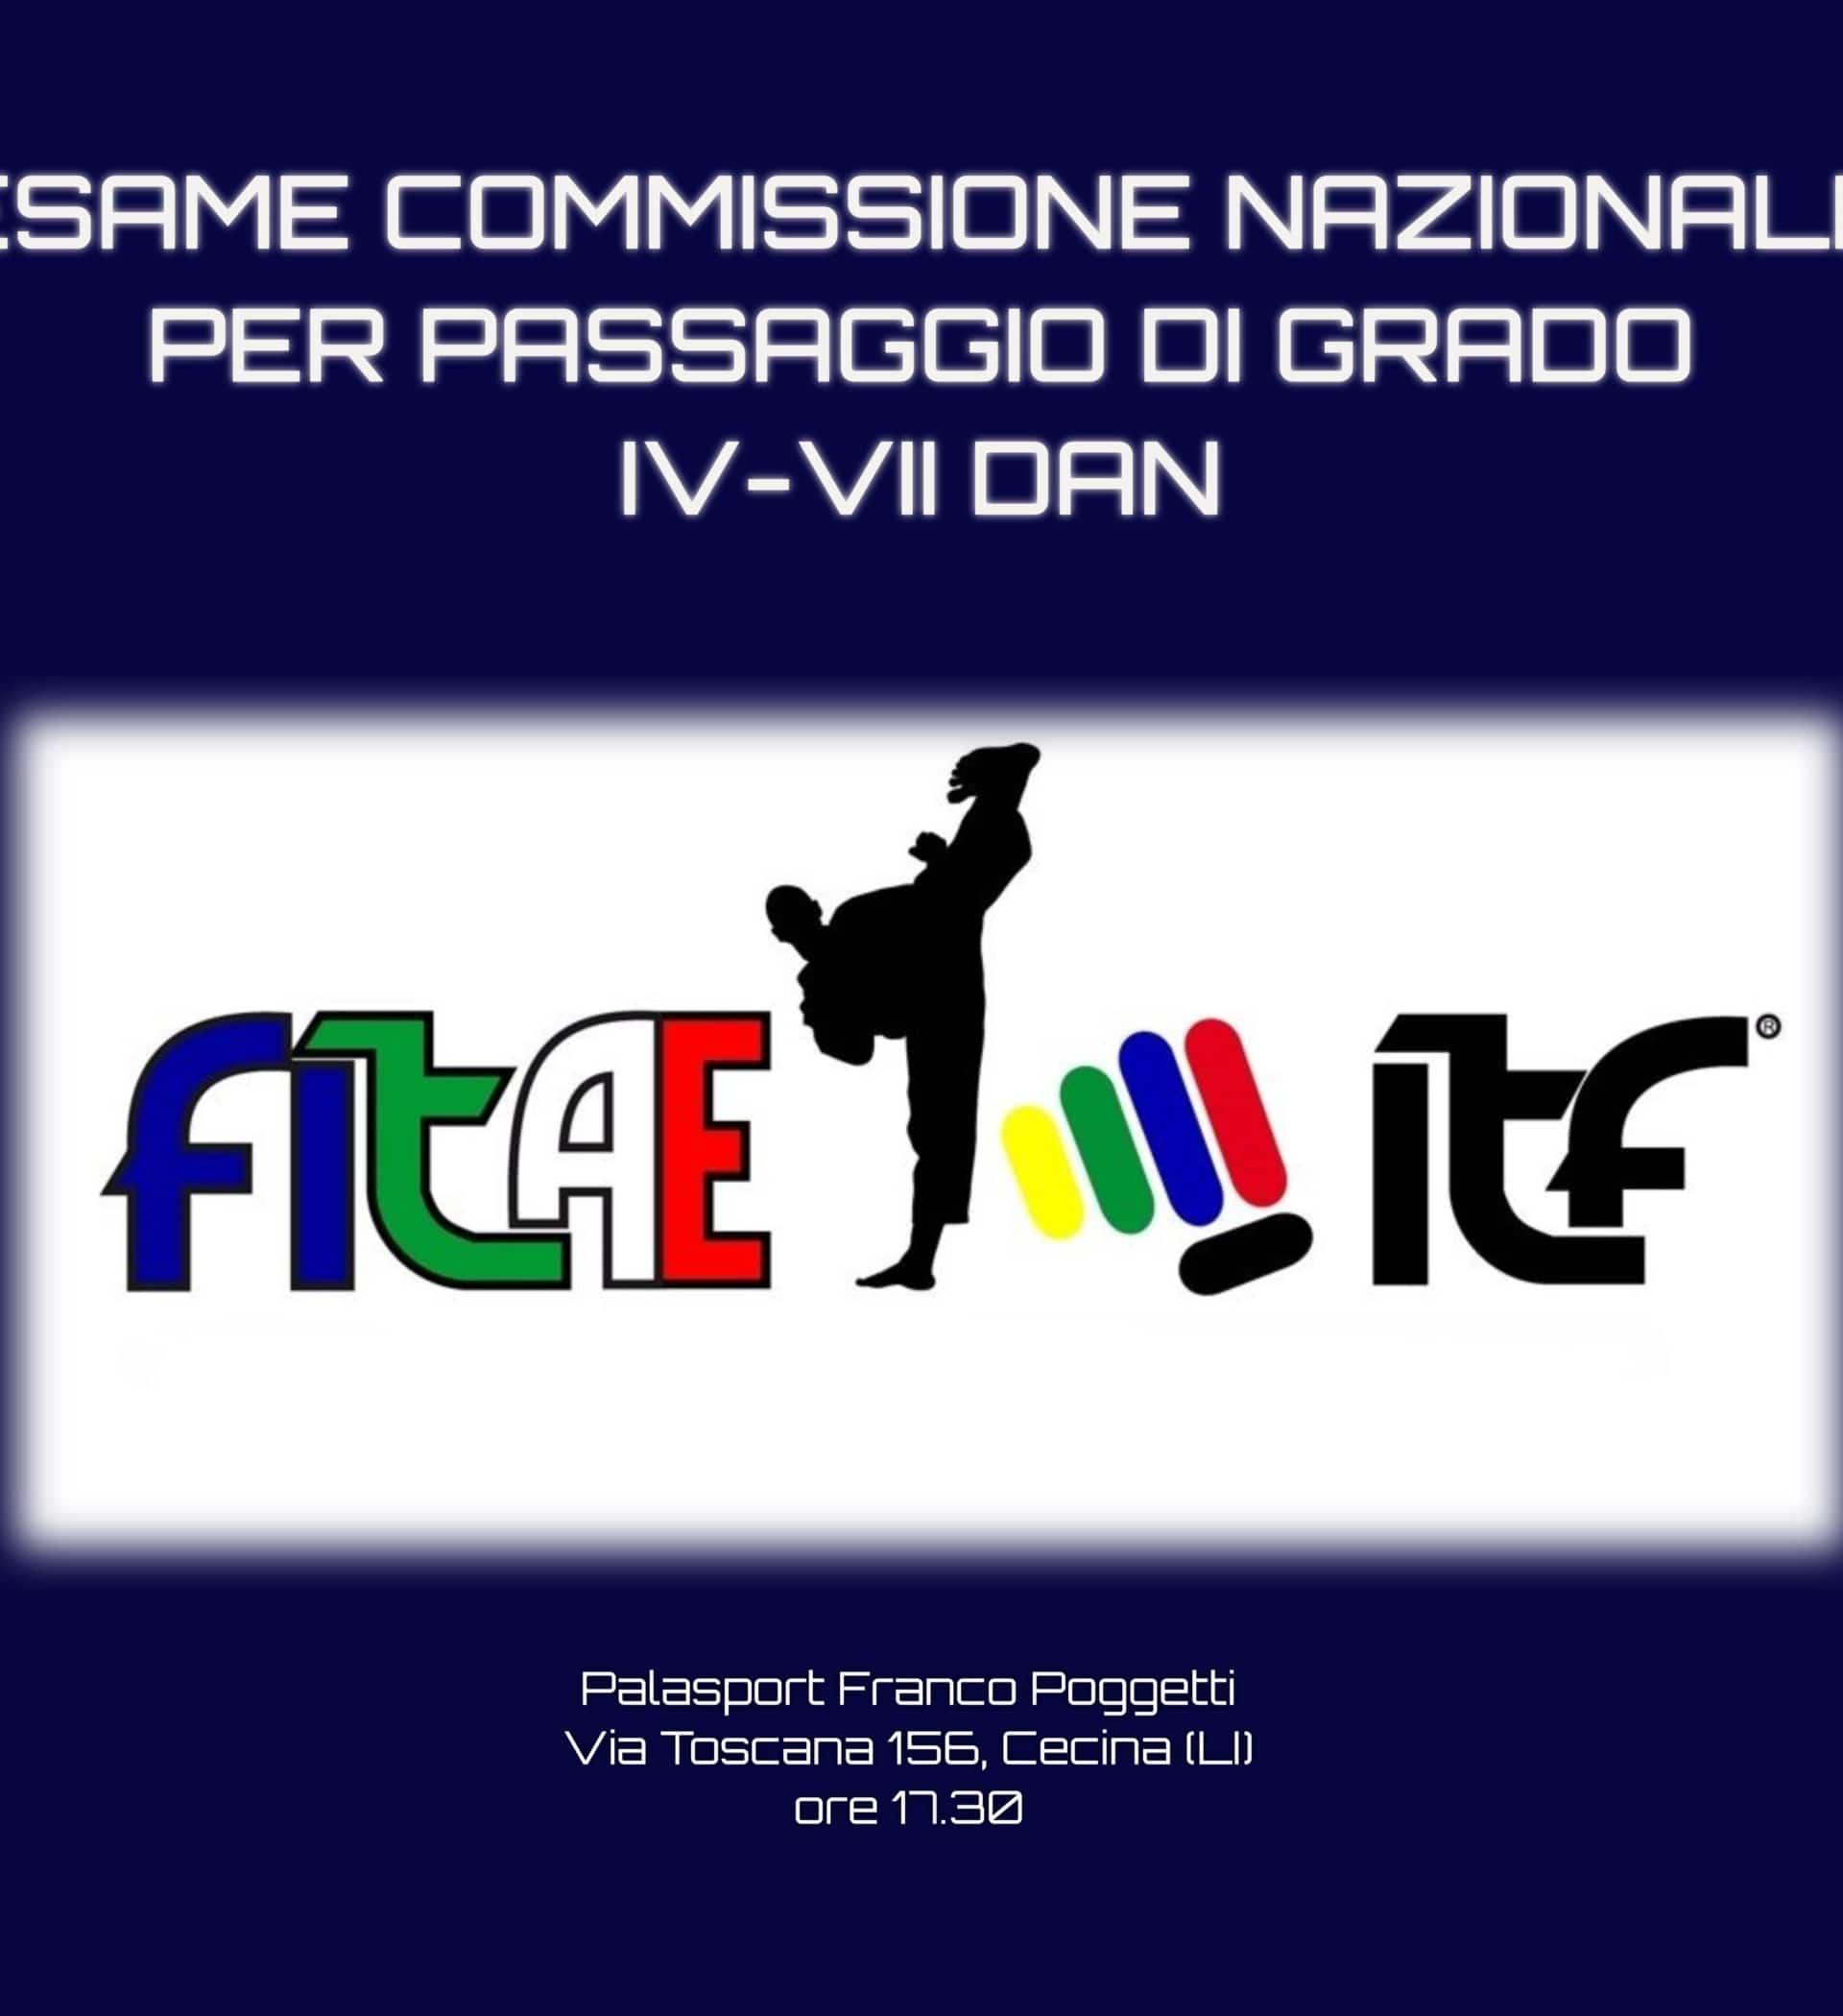 ESAME COMMISSIONE NAZIONALE <br>PASSAGGIO DA IV A VII DAN <br>CECINA (LI), 14/12/2019